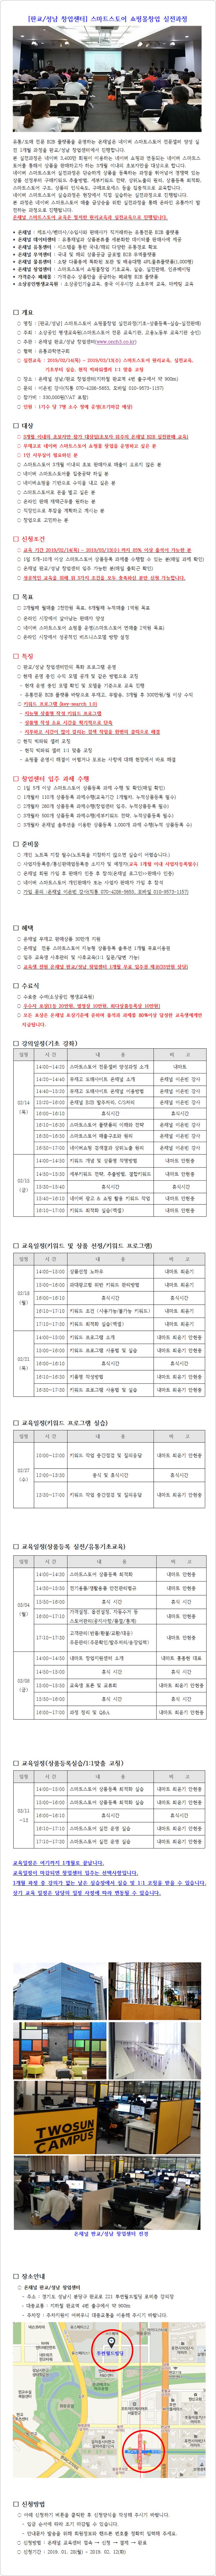 판교센터 3기 최종 커리큘럼_온채널.png